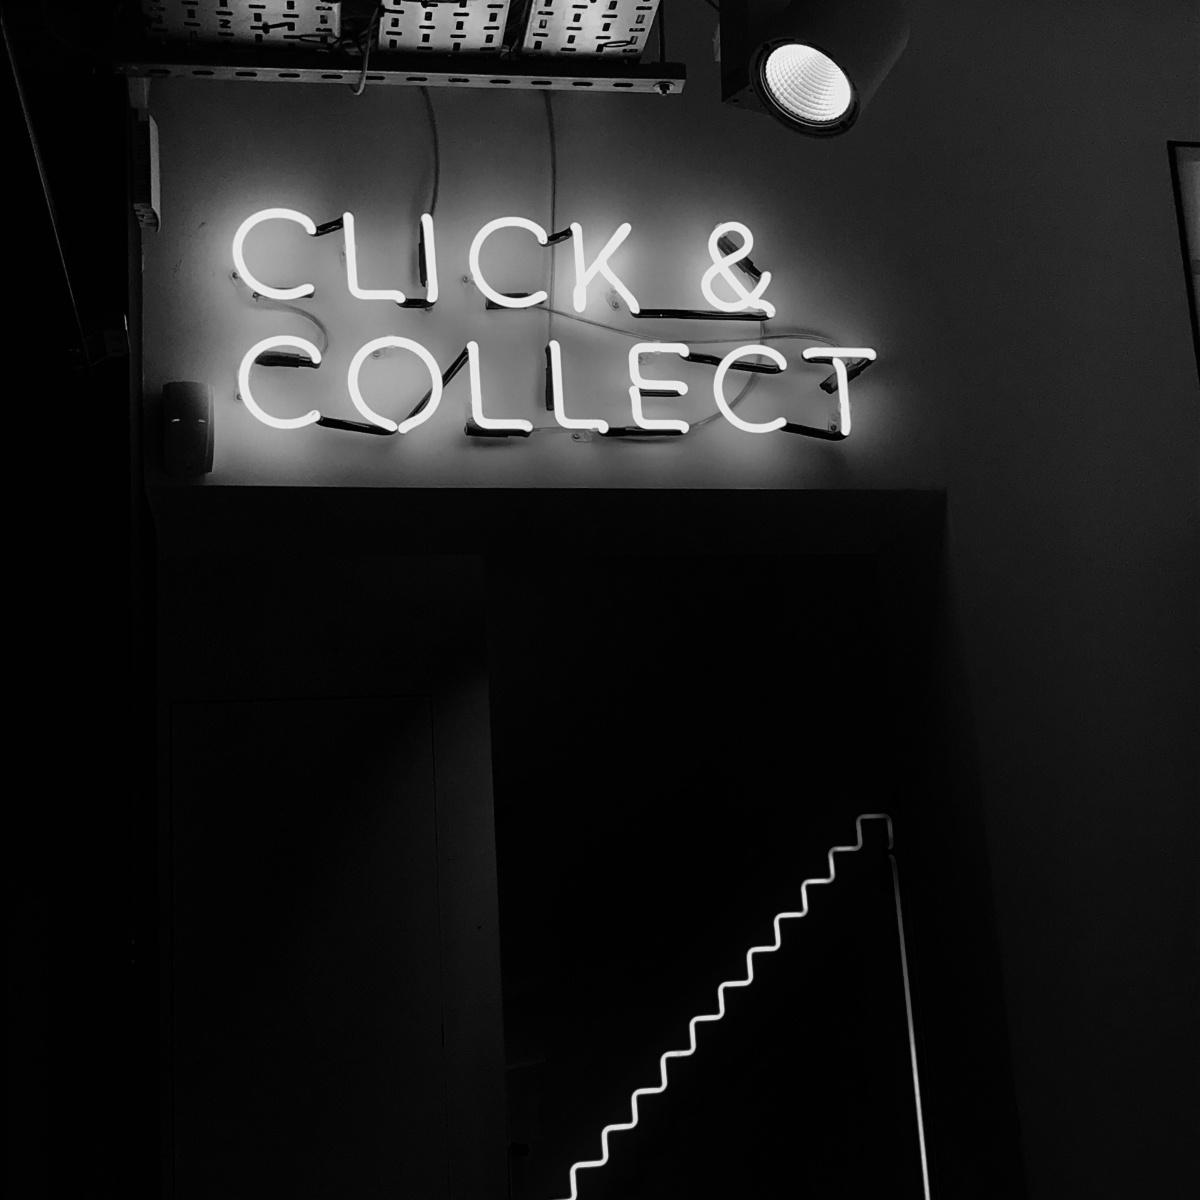 Click & collect - miksi verkkokaupan asiakkaat haluavat noutaa myymälästä?